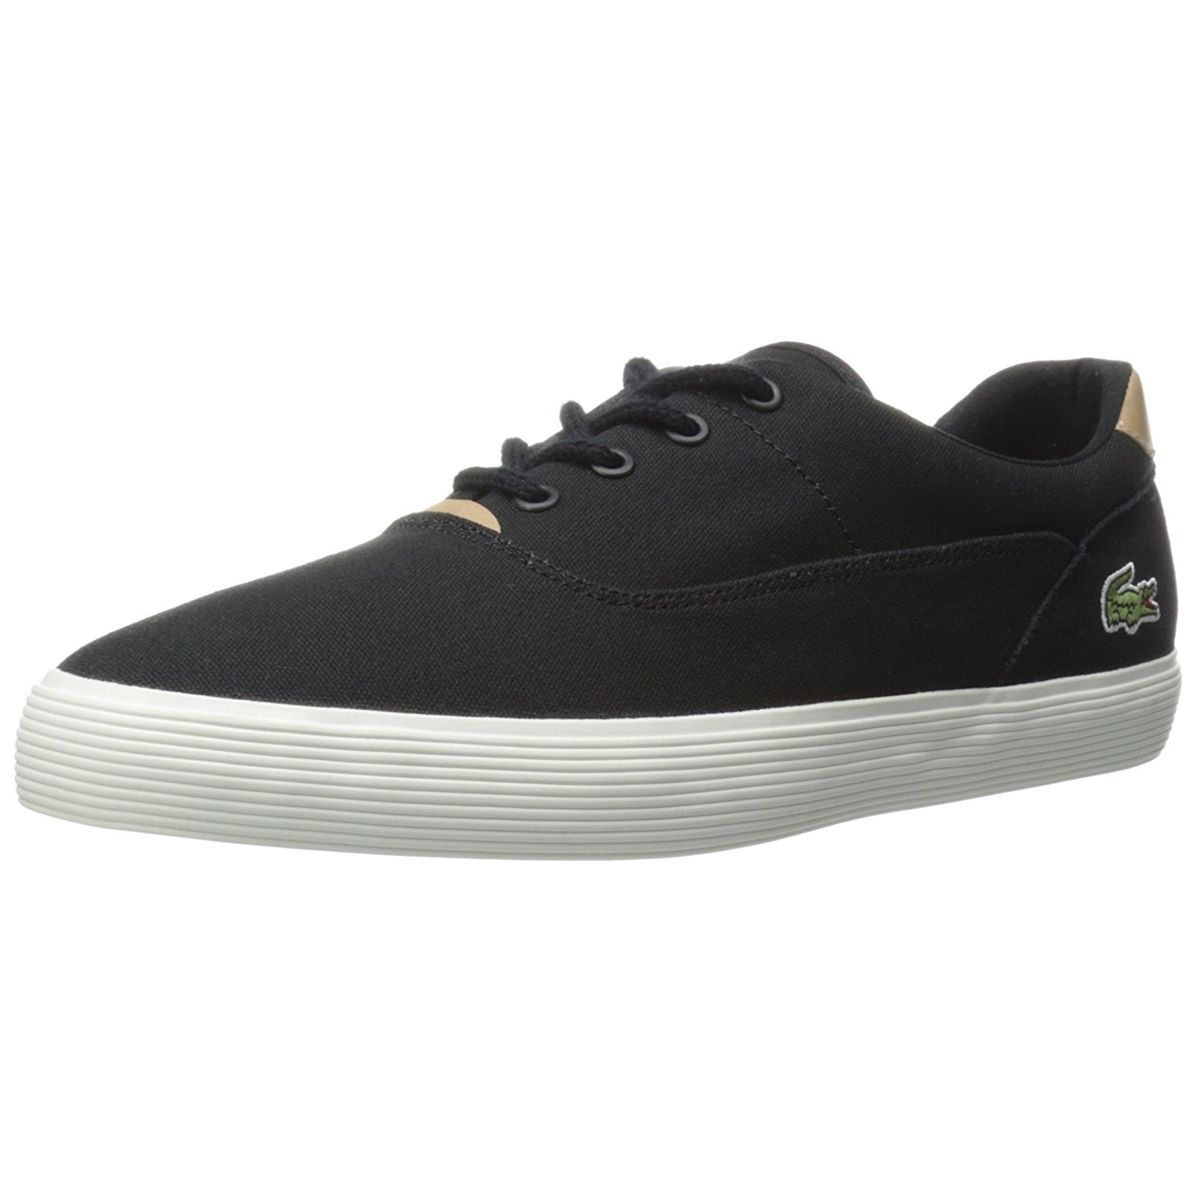 084c5f39e226 Lacoste Men Casual Shoes Jouer 316 1 Fashion Sneakers Black ...